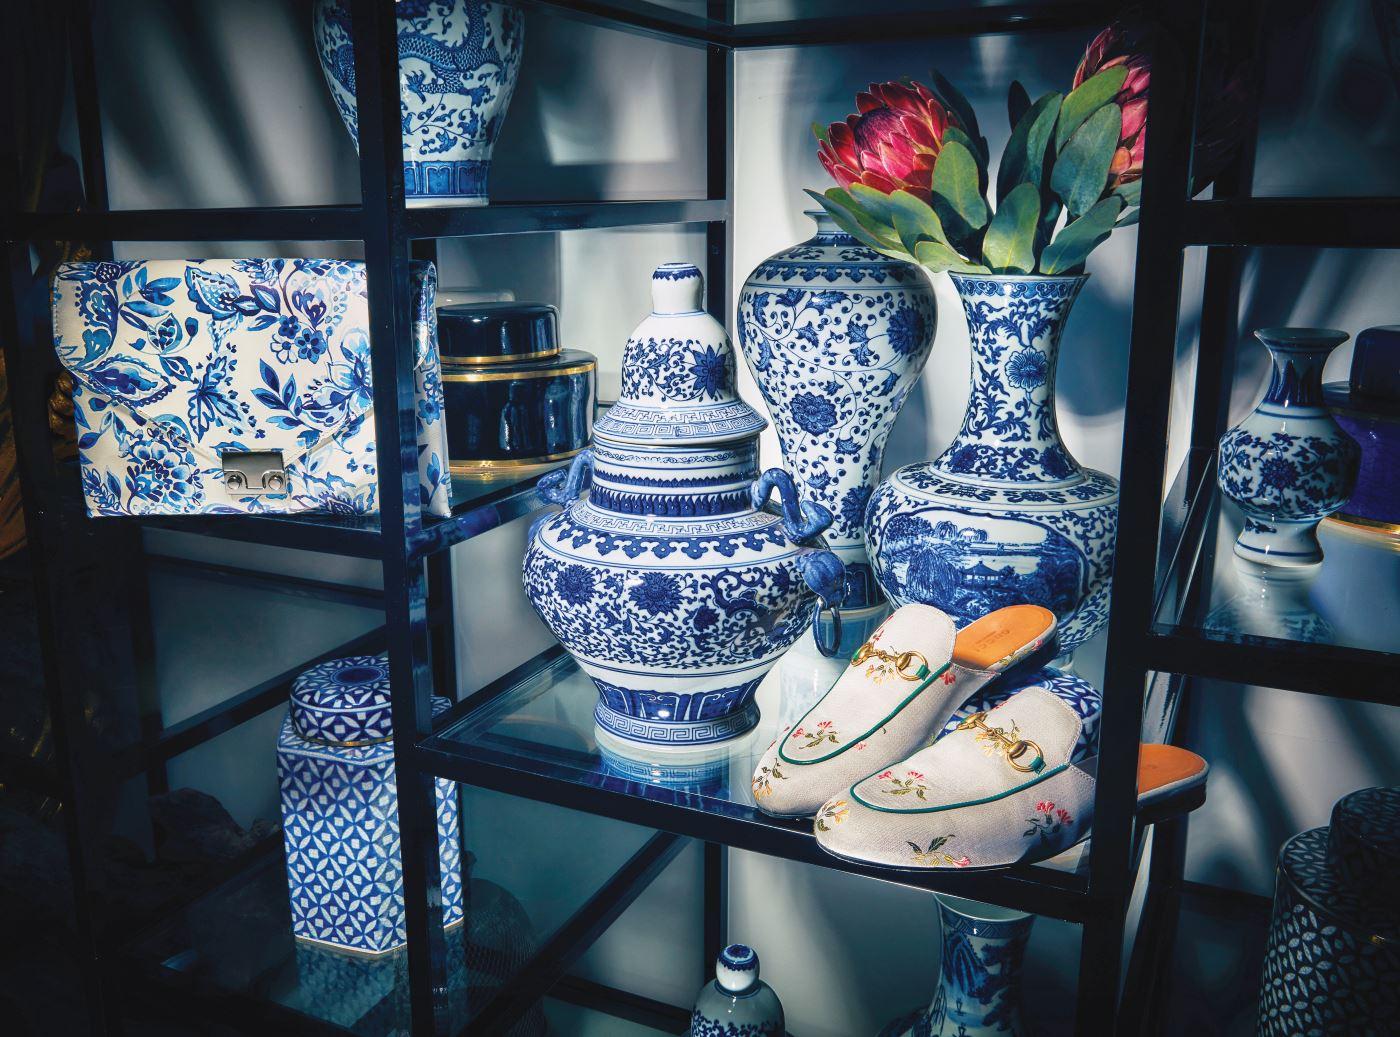 신비한 동쪽 나라 중국 도자기의 문양을 그대로 재현한 클러치는 로플러 렌달 by 라움 제품. 63만8천원, 부드러운 새틴에 동양적인 꽃을 수놓은 홀스빗 슬리퍼는 구찌 제품. 73만원.